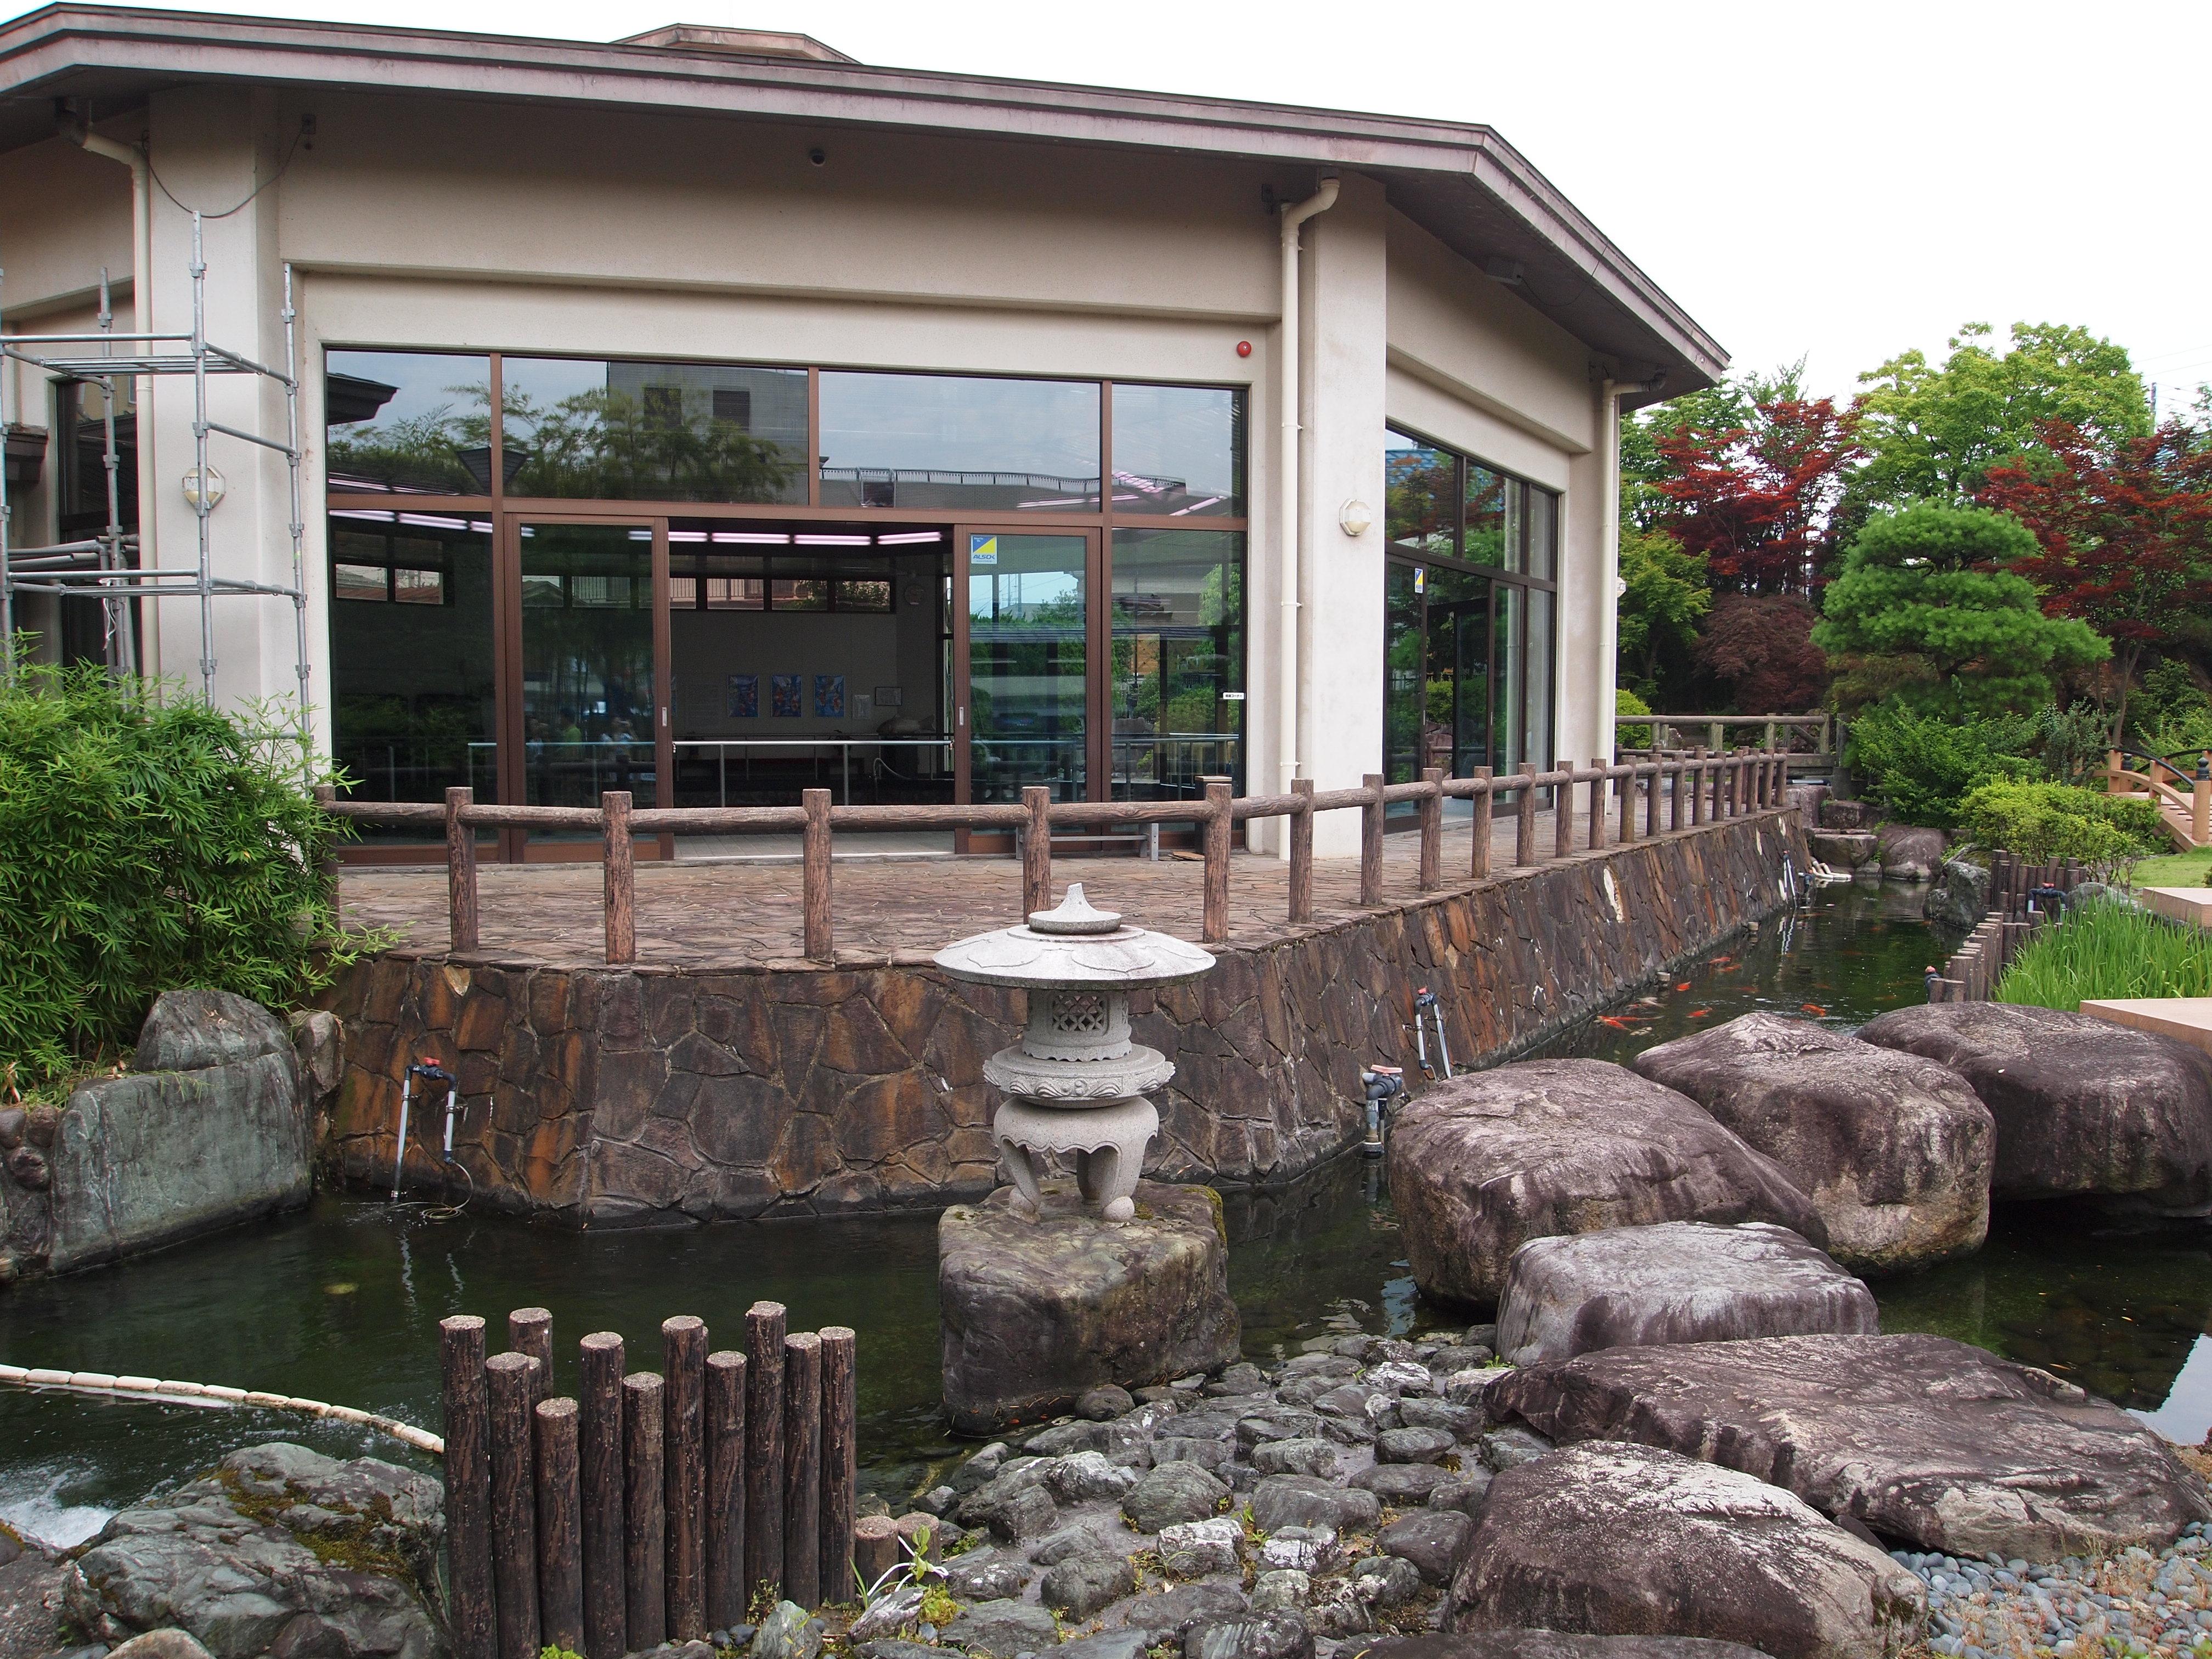 夏天的日本庭院凉风习习,非常适合休闲赏鱼;不过每逢冬季来临,既十二月至四月期间,因为下雪暂时关闭。